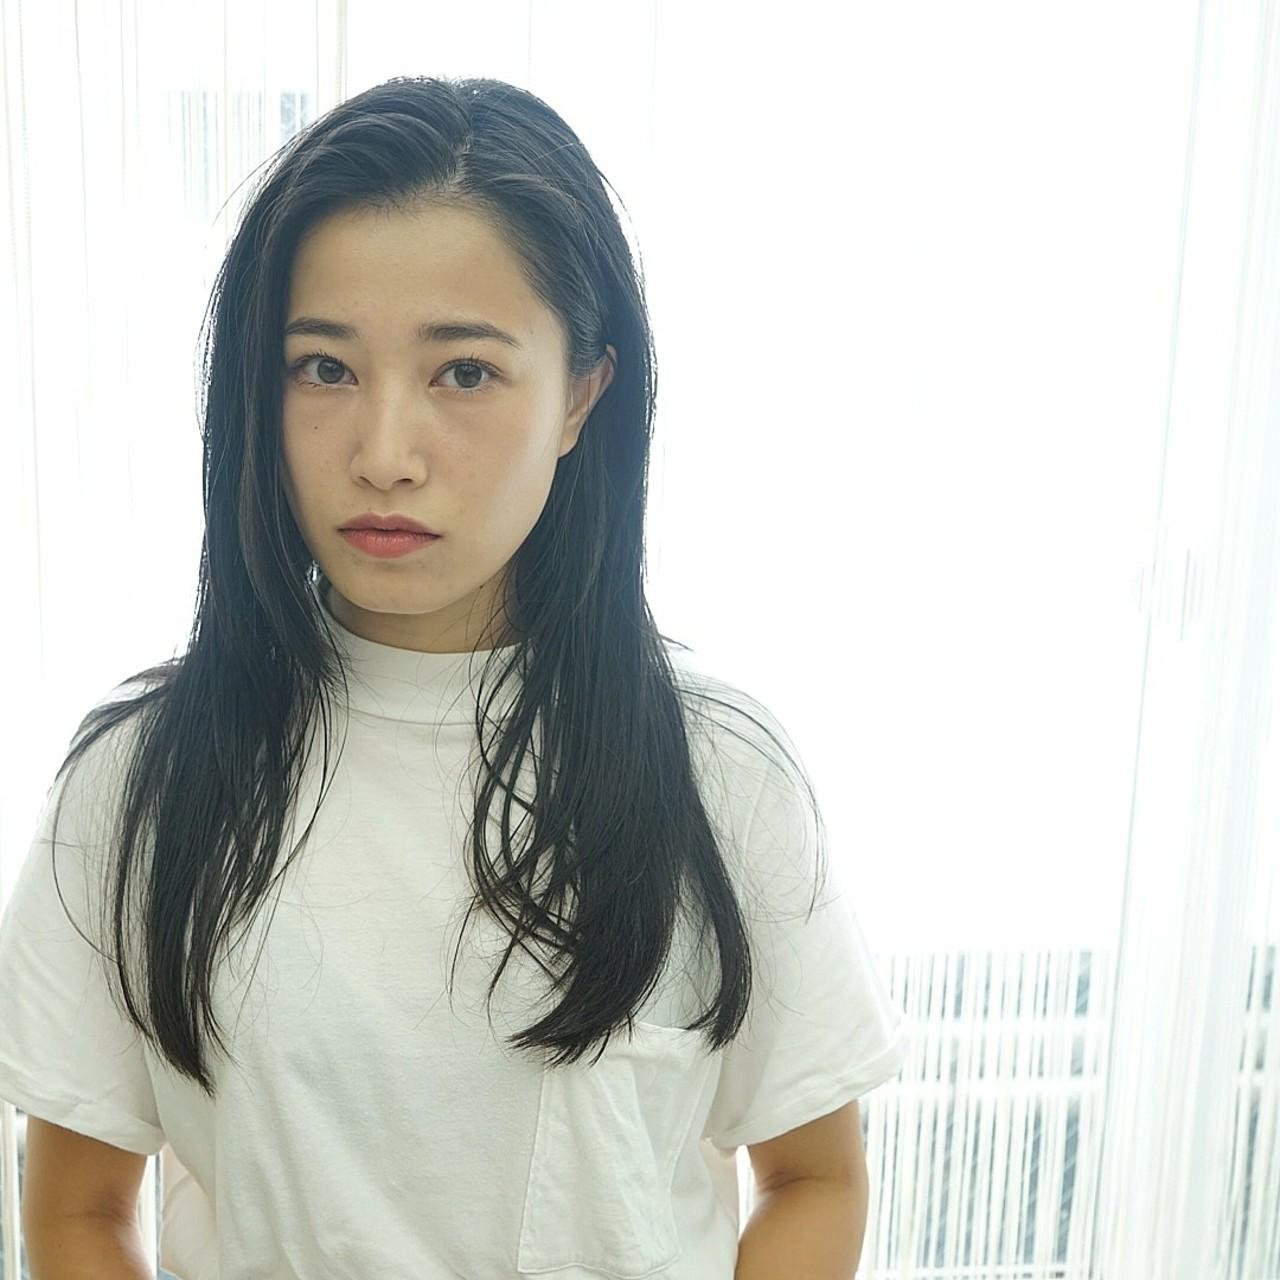 モード 抜け感 ストレート 黒髪 ヘアスタイルや髪型の写真・画像   西部龍太 / e.m.a Premium